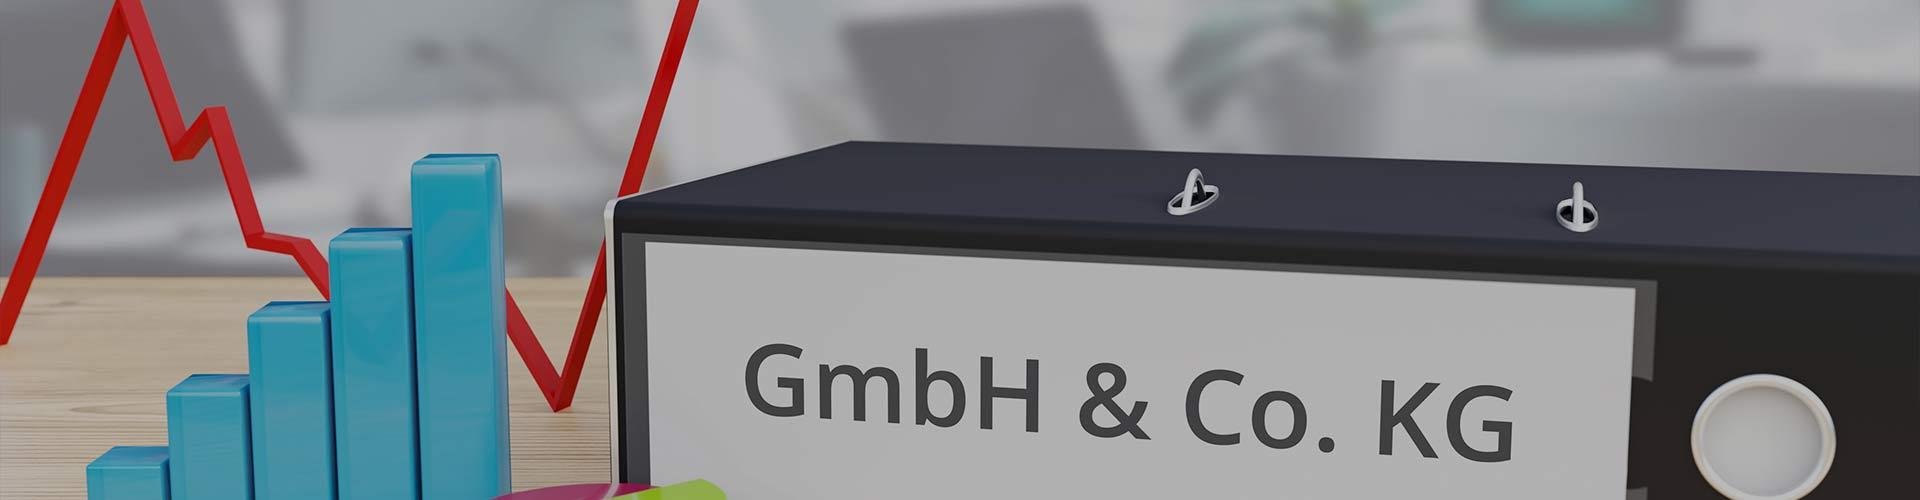 Immobilien GmbH & Co. KG.